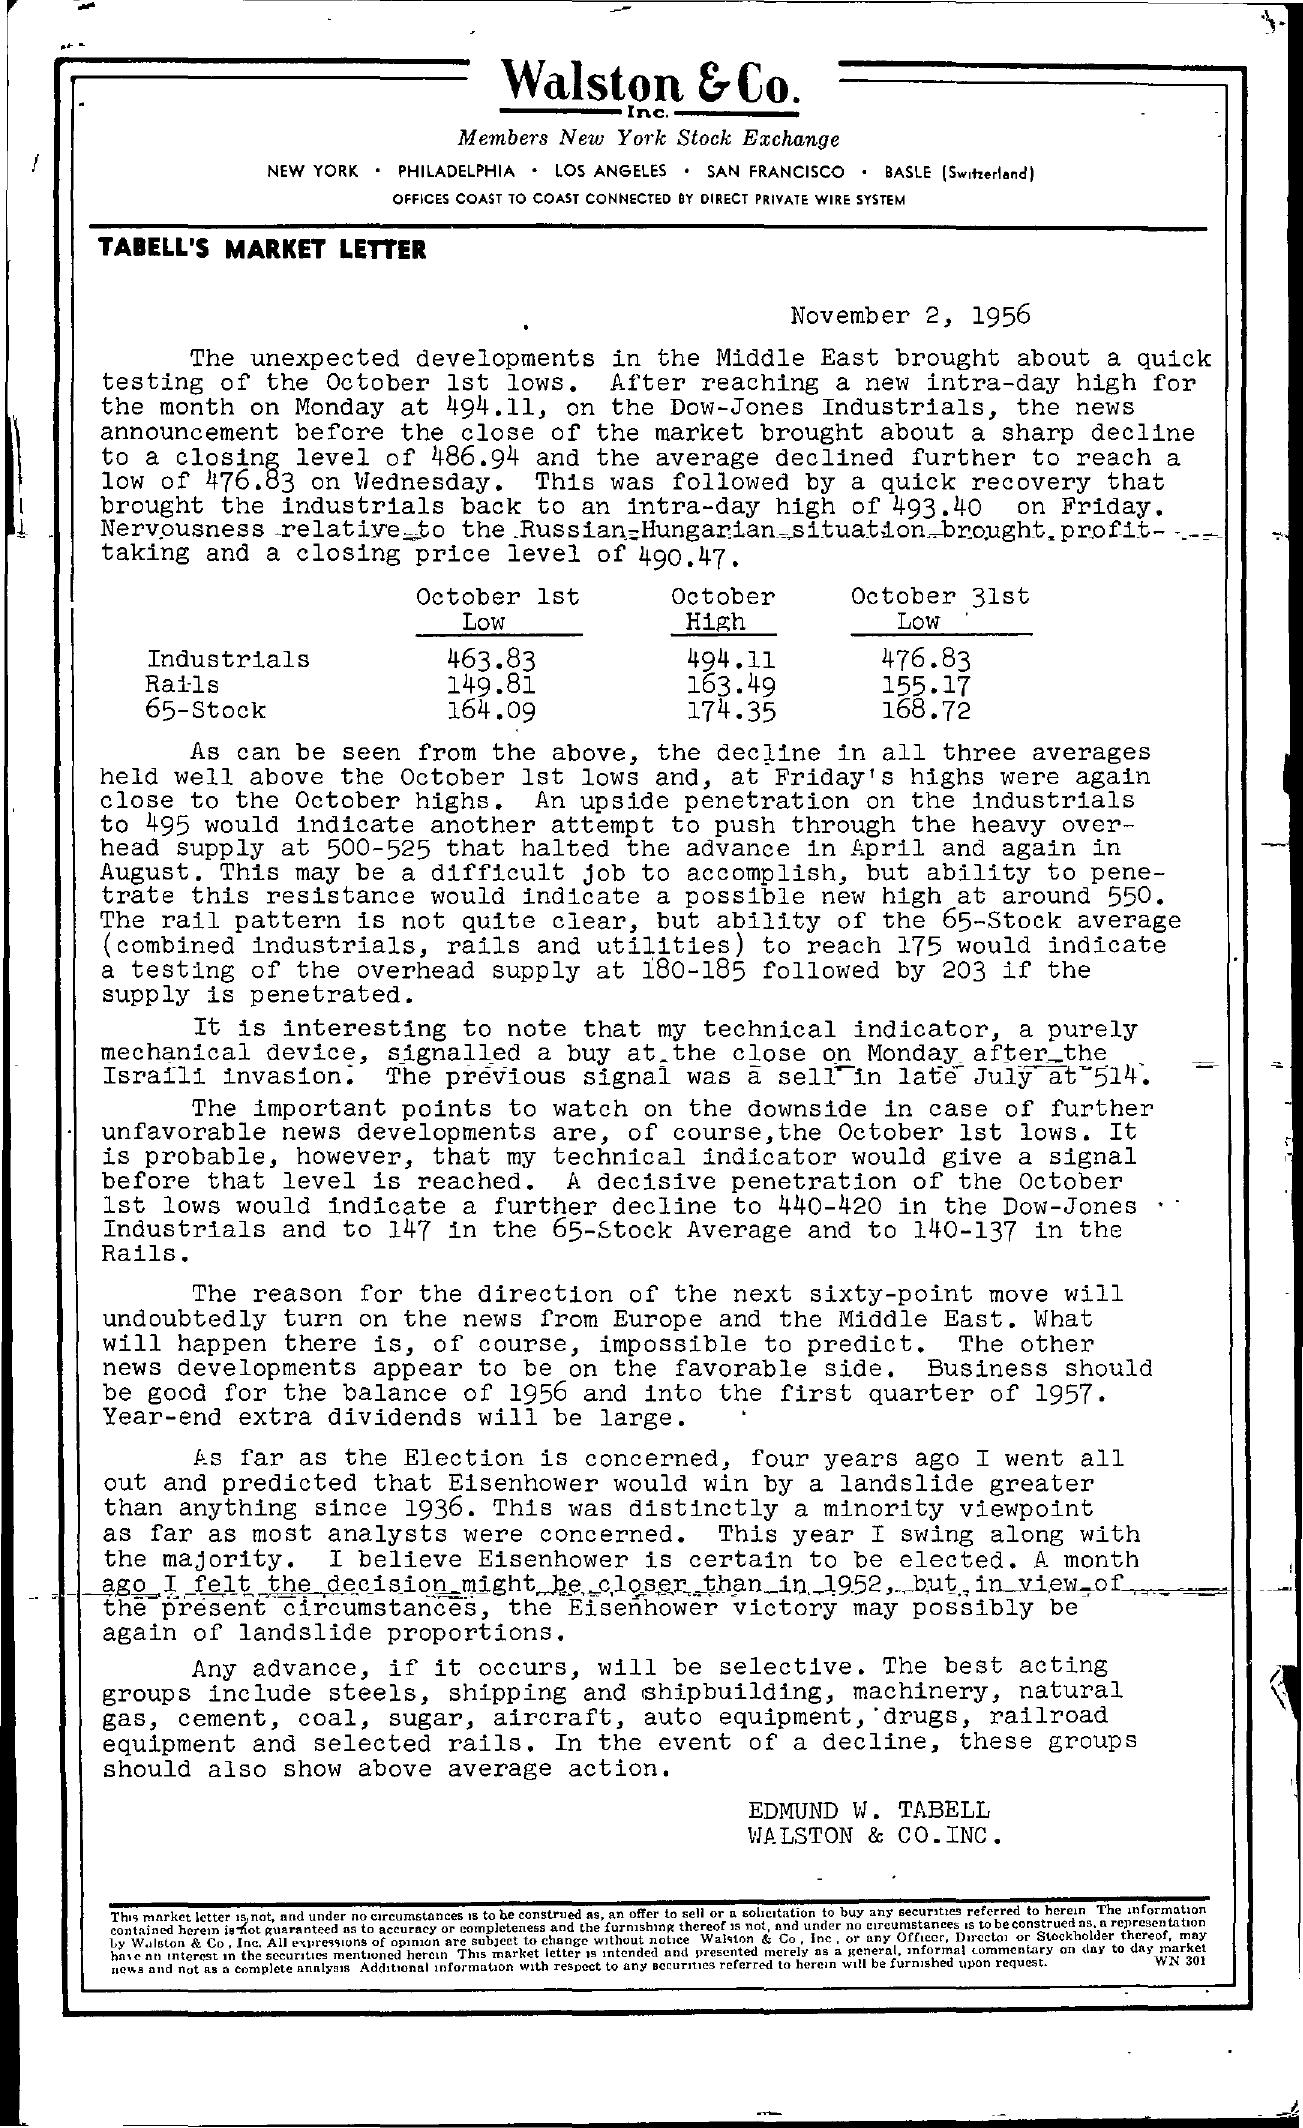 Tabell's Market Letter - November 02, 1956